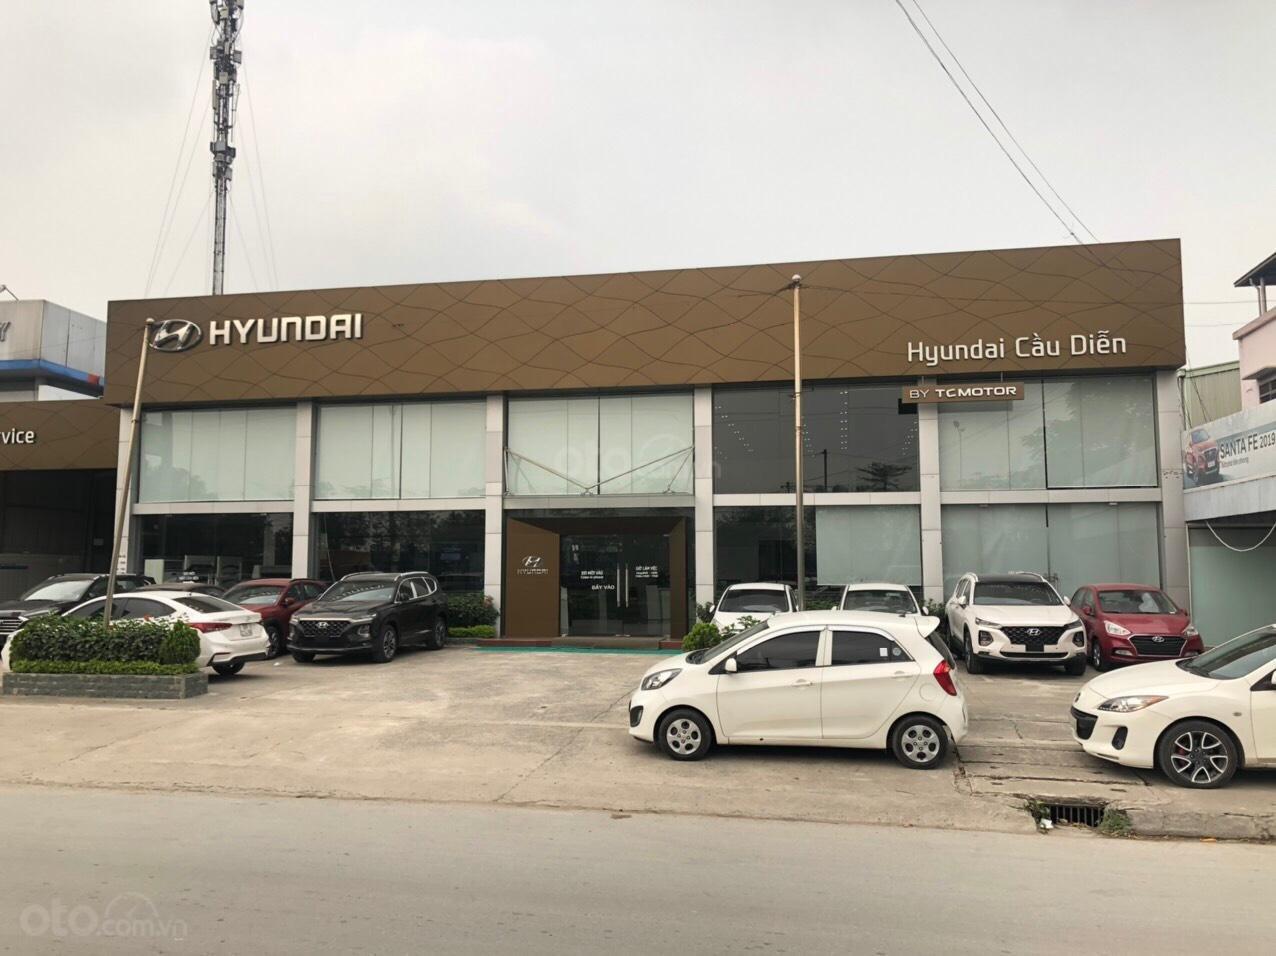 Hyundai Cầu Diễn - Chi nhánh Nguyễn Trãi (2)